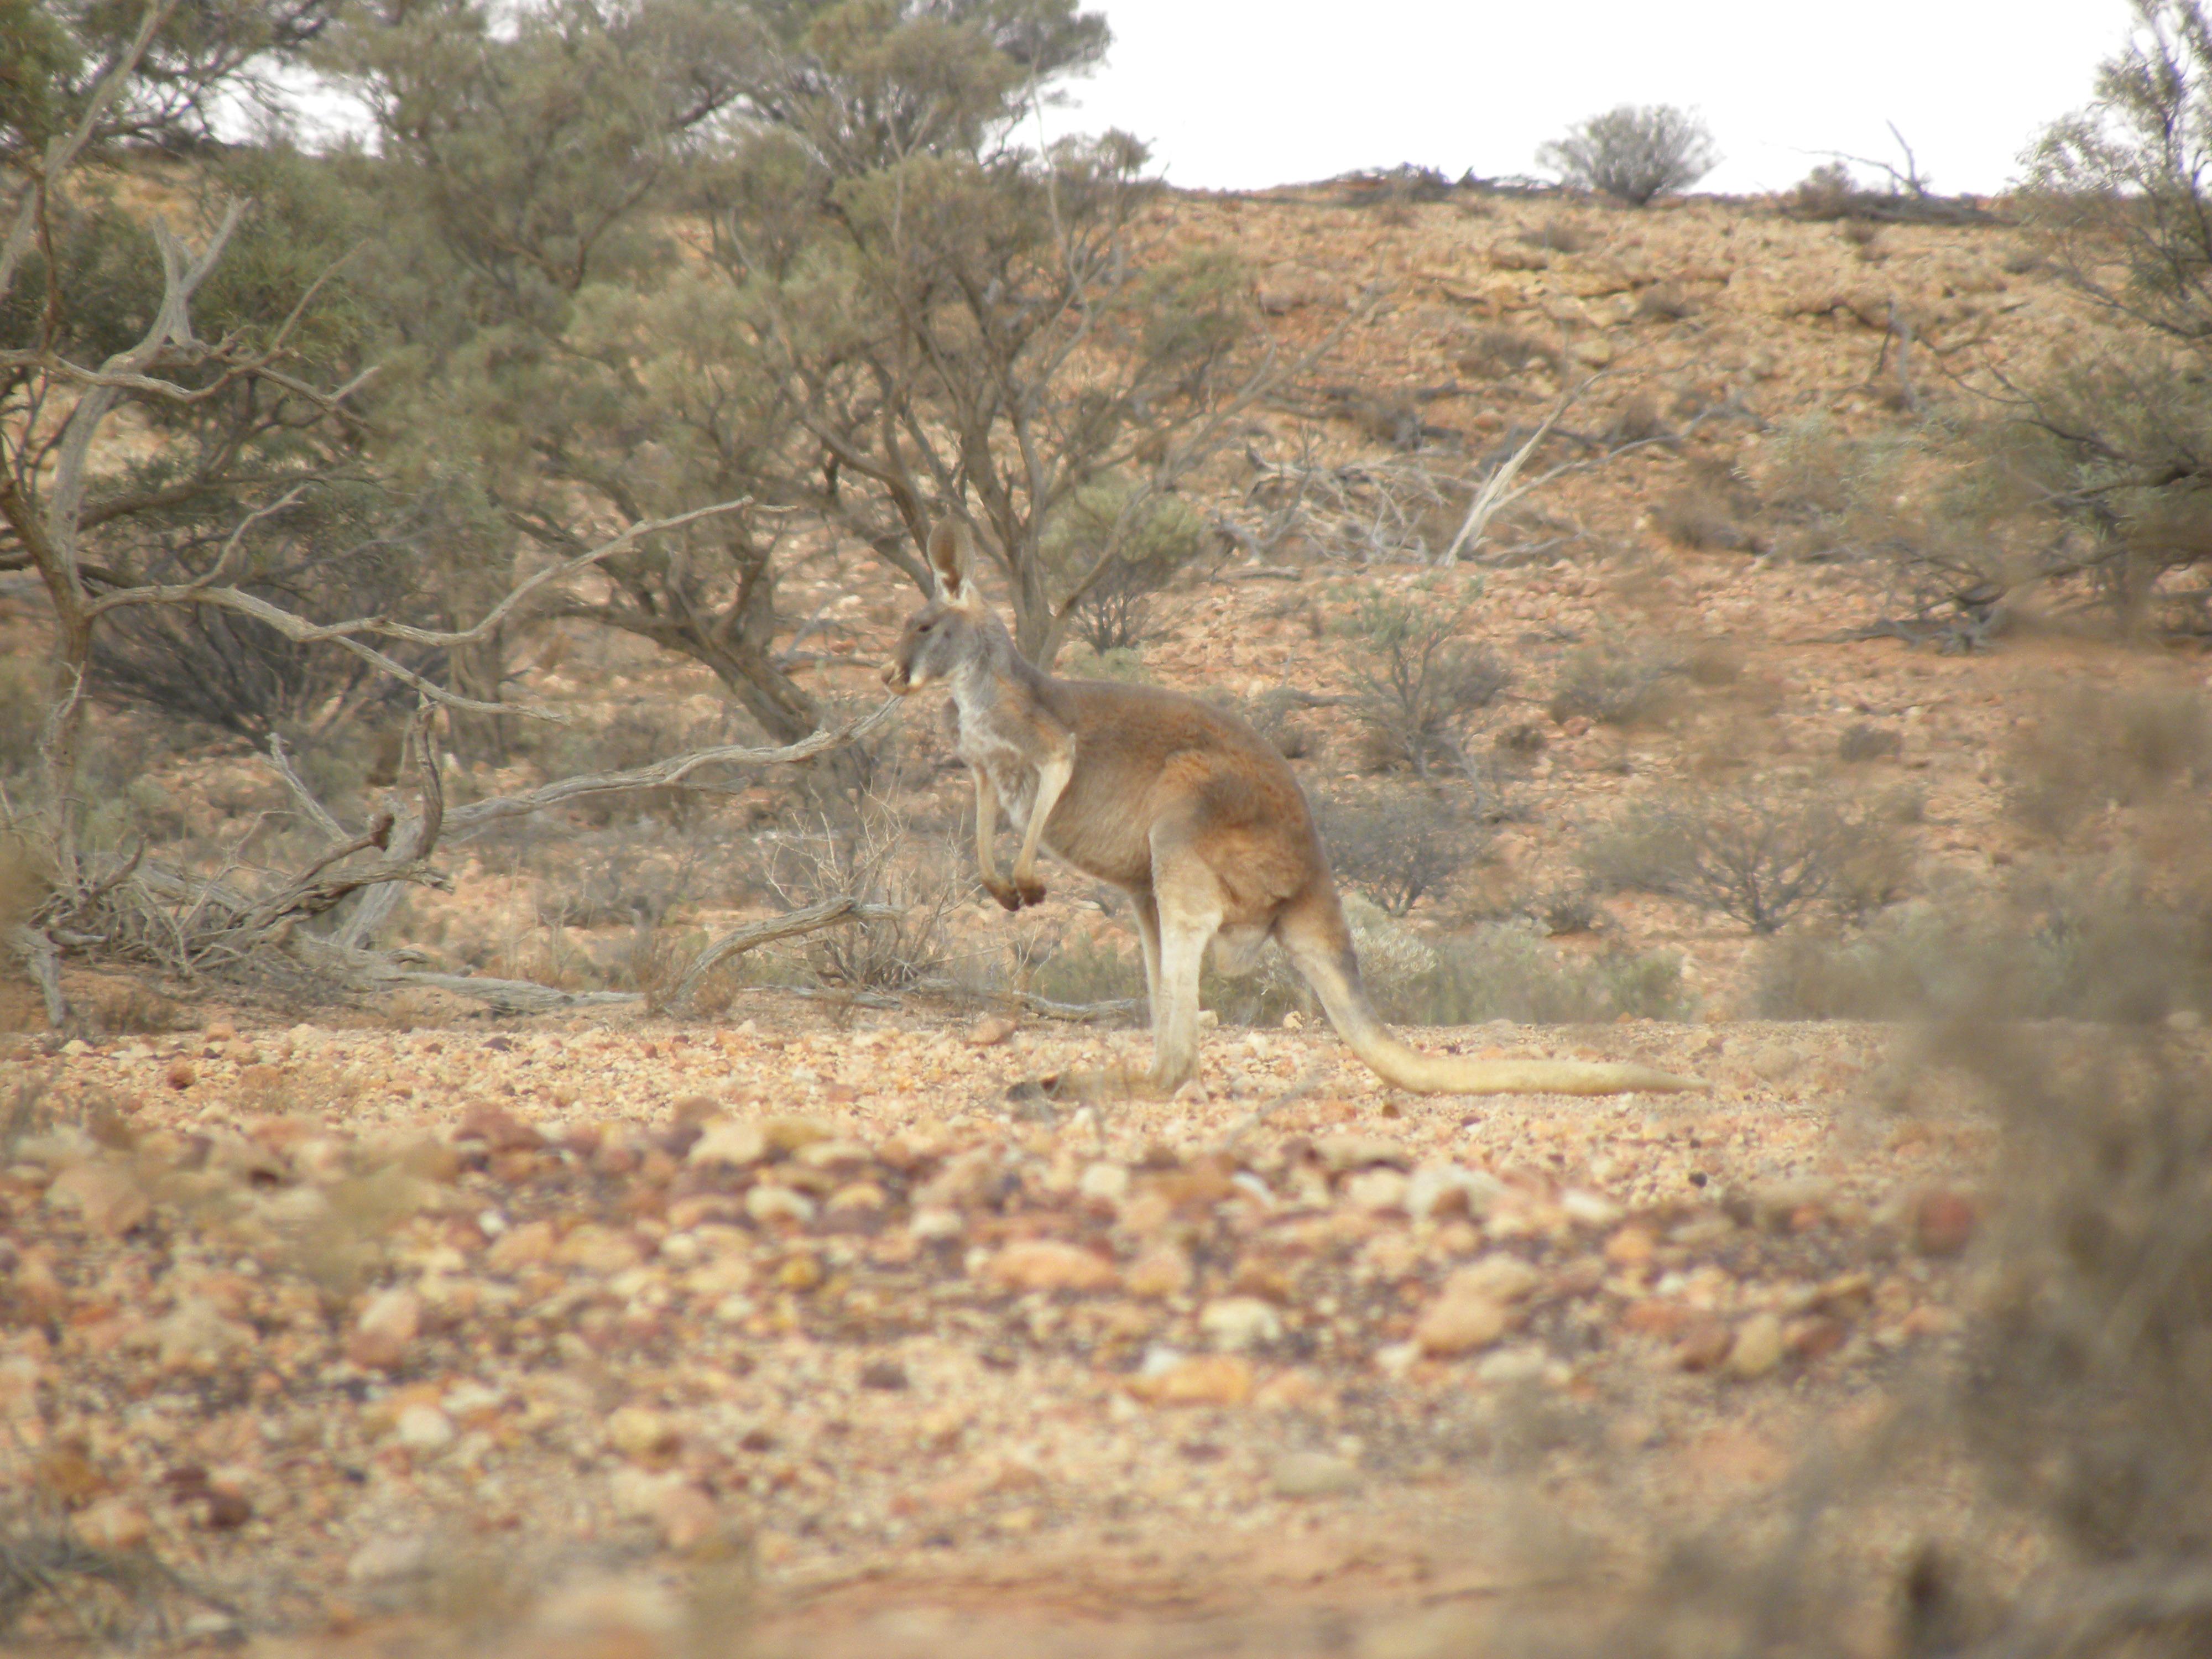 Red Kangaroo Habitat File:Red Kangaroo.jpg ...